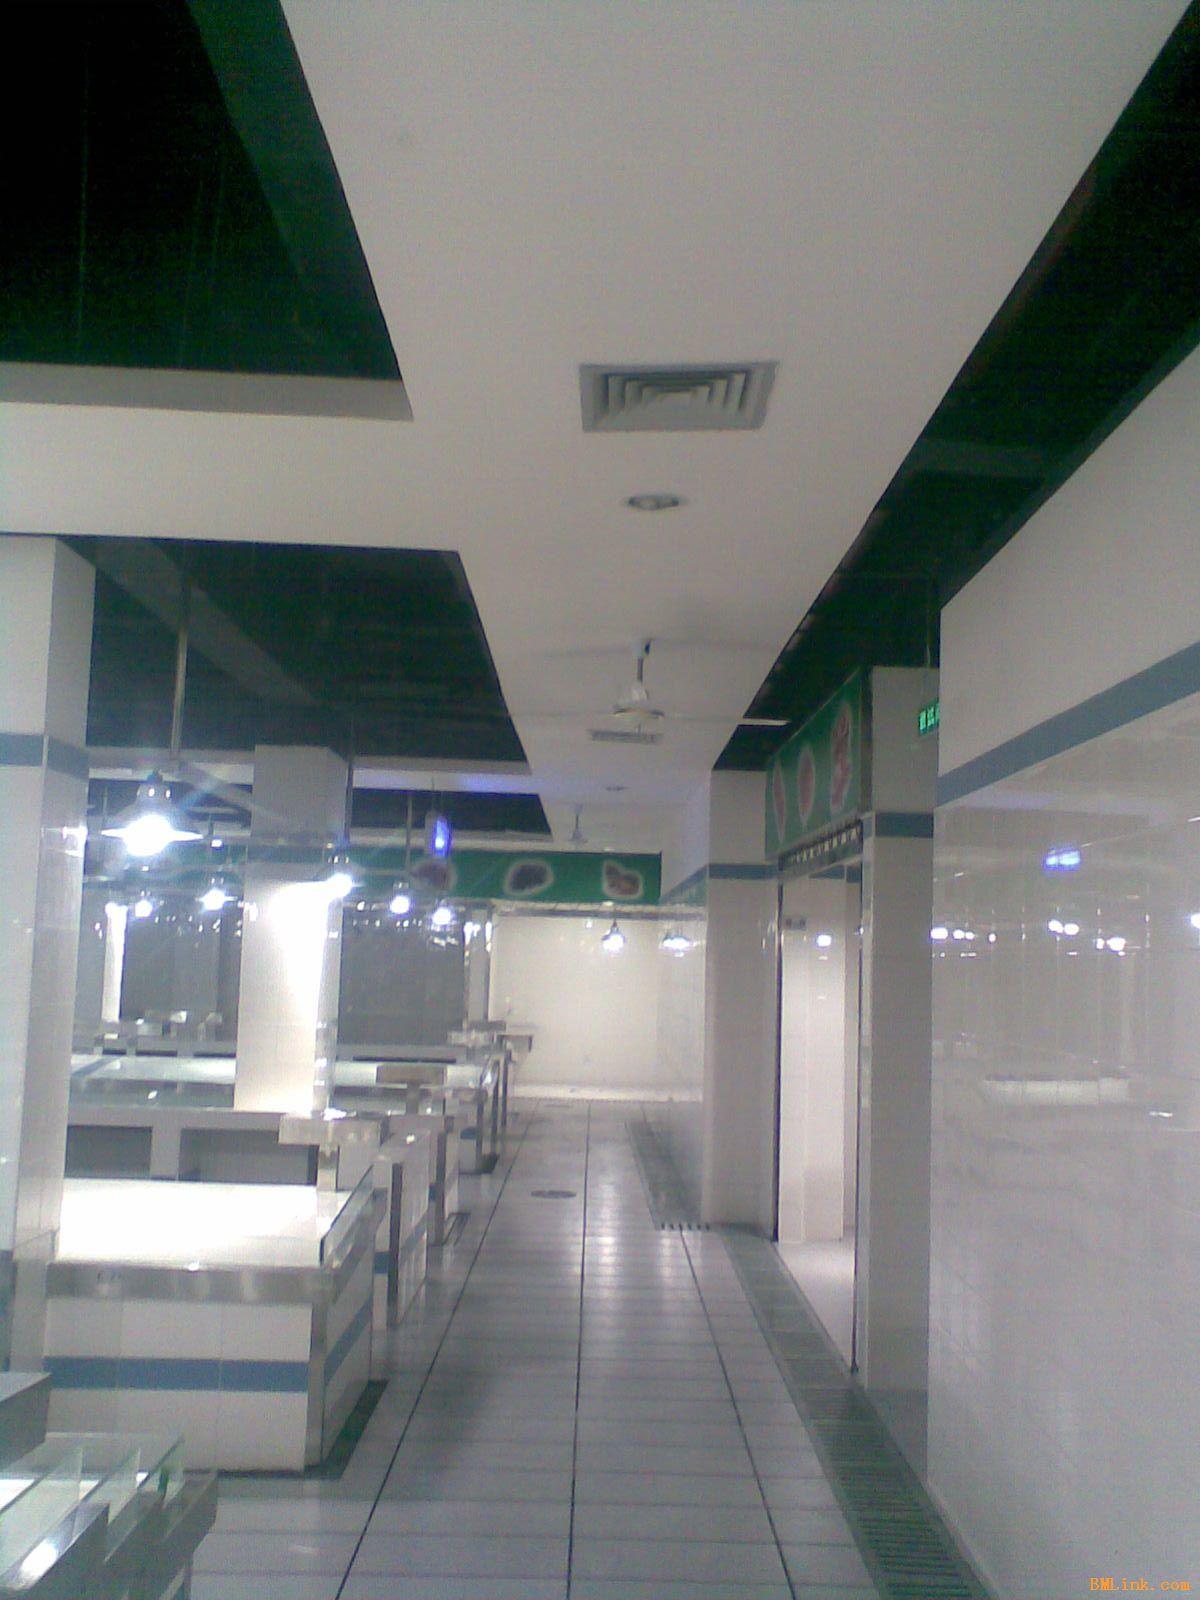 供应办公室吊顶隔断厂房装修石膏板吊顶卫生间隔断